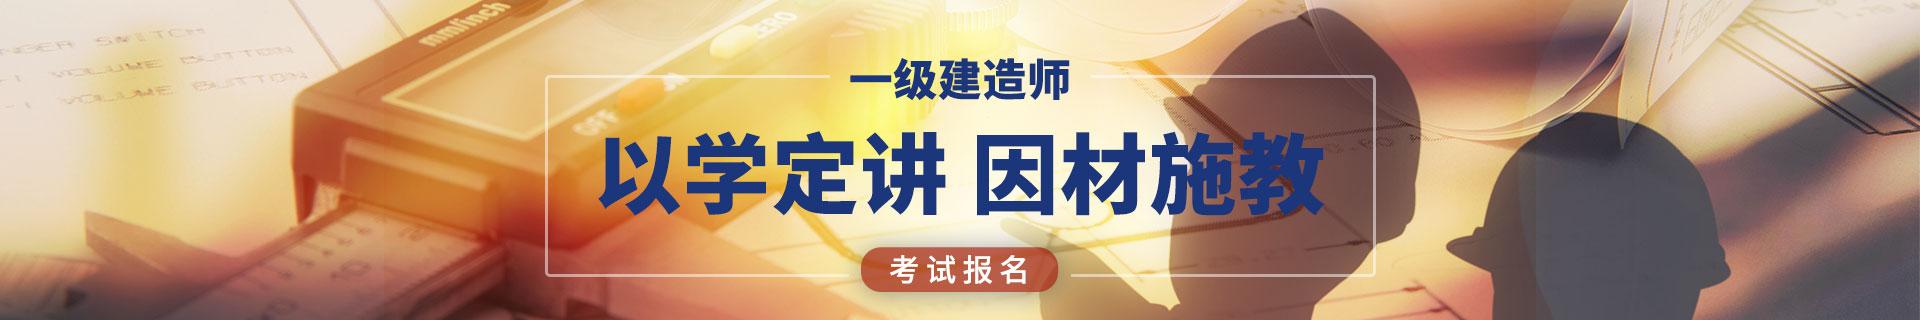 广东肇庆优路教育培训学校